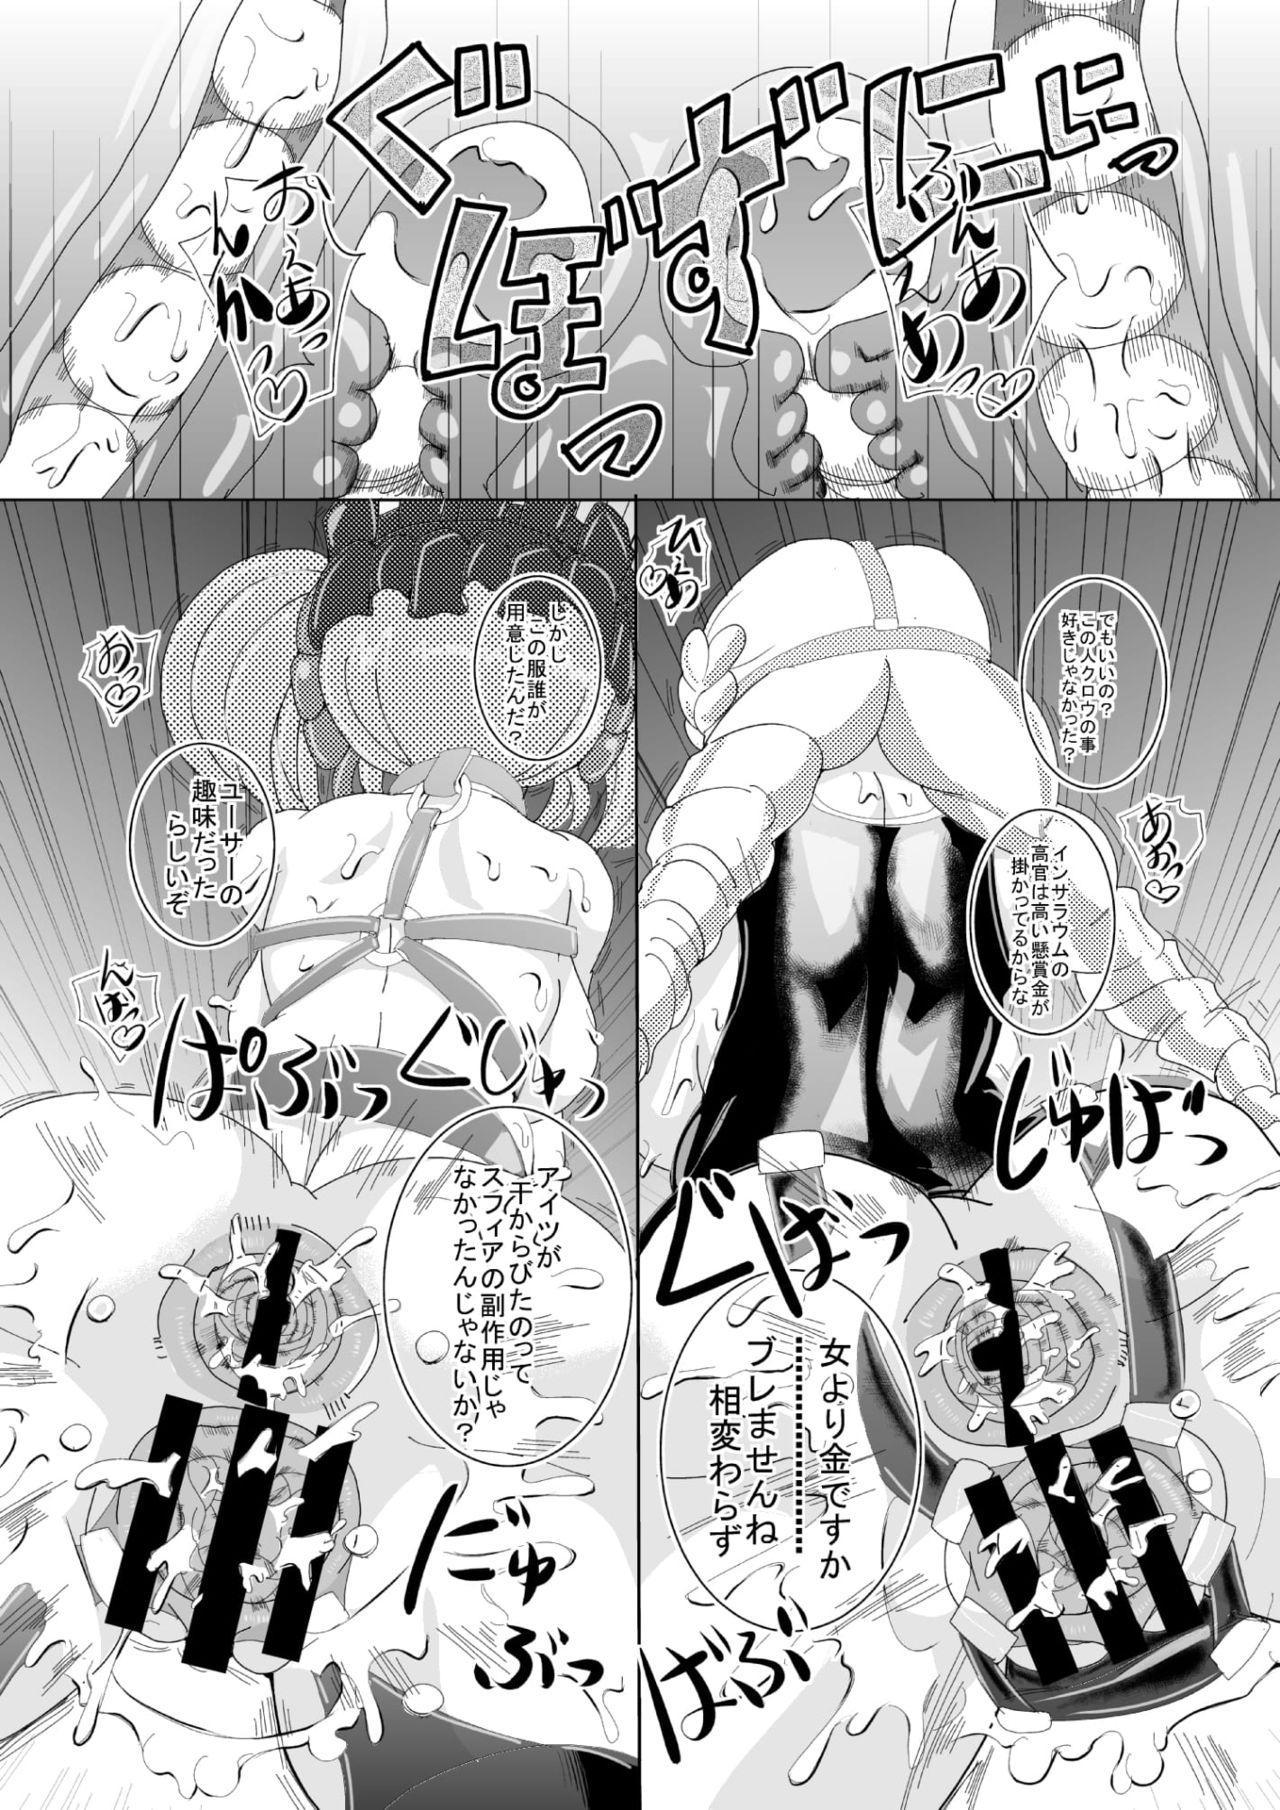 [Seishimentai (Syouryuupen)] Mentananako Z - Ciony-chan Hakai Hen (Super Robot Taisen) 22